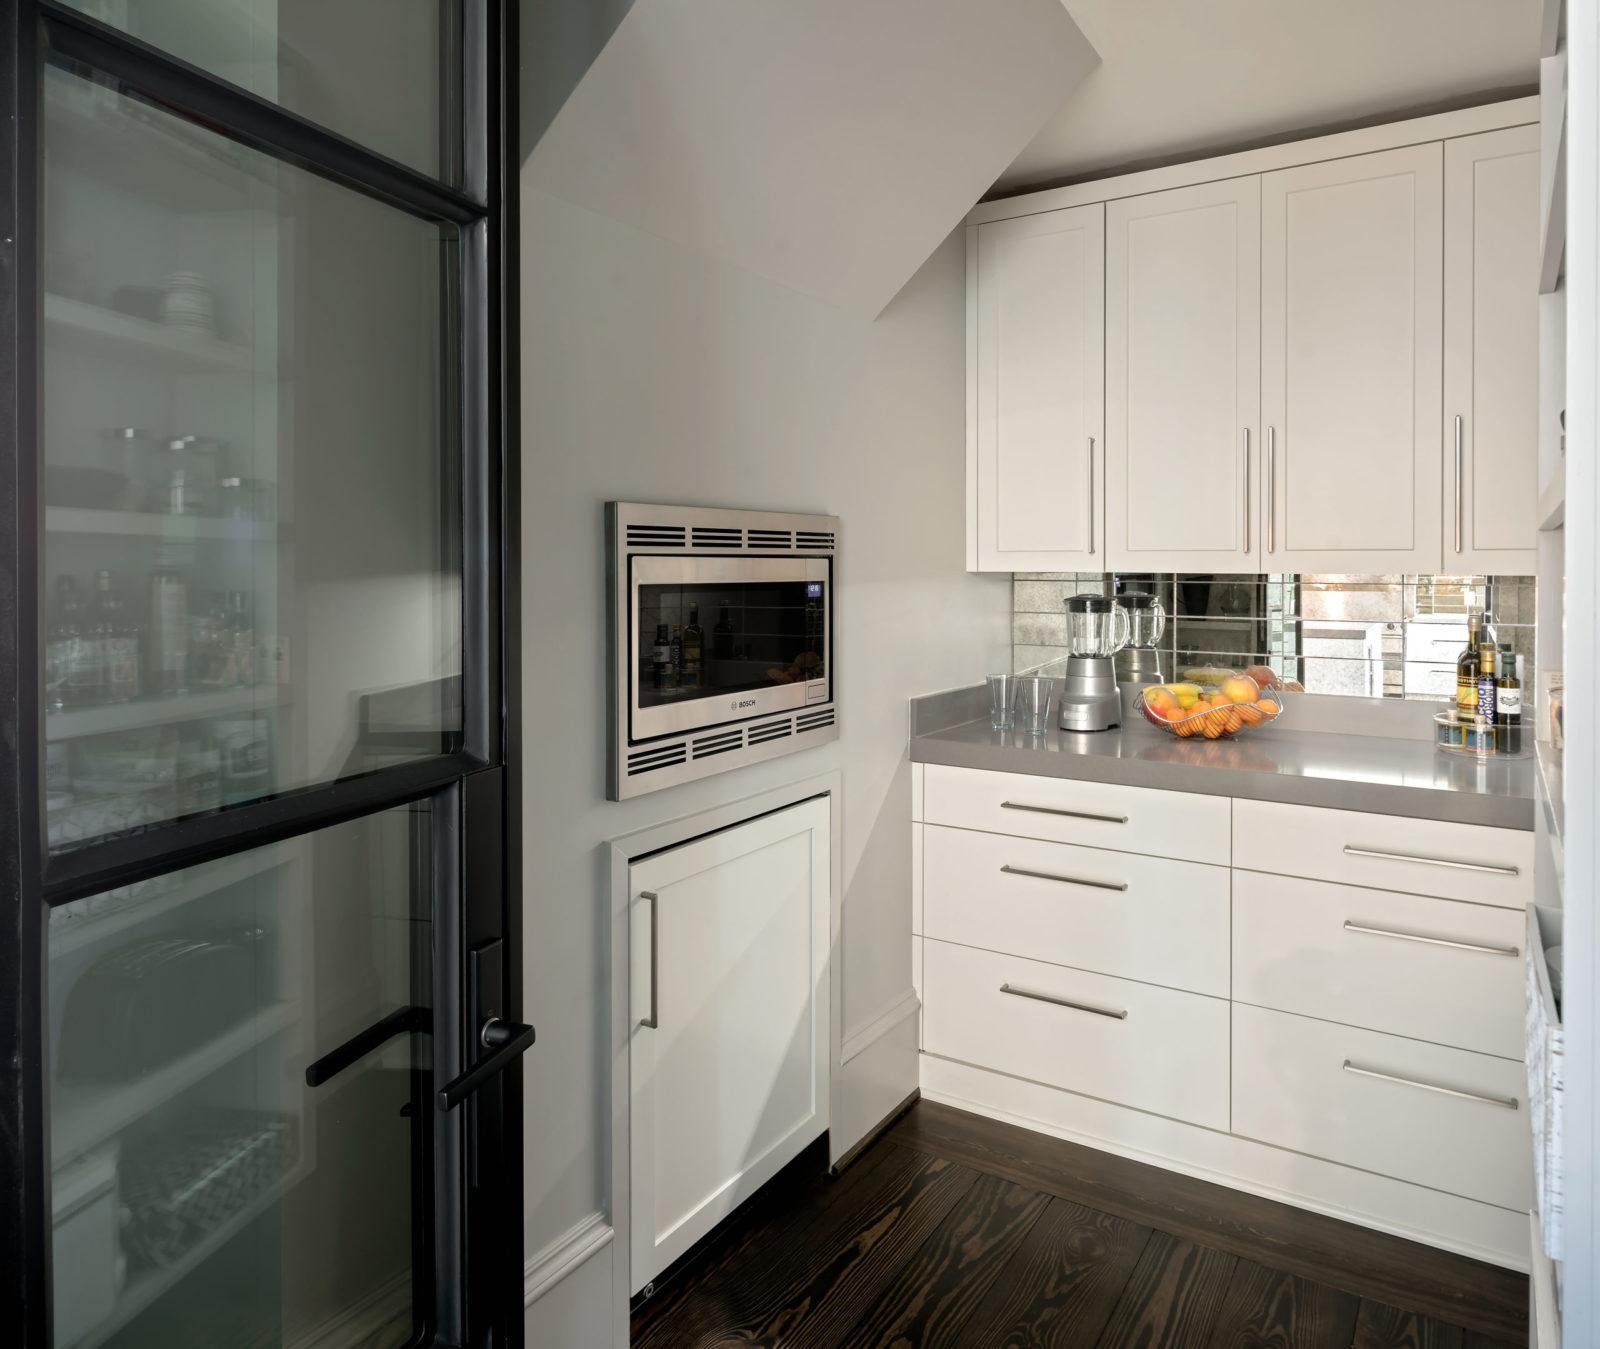 kitchen-storage-butlers-pantry-under-stairs